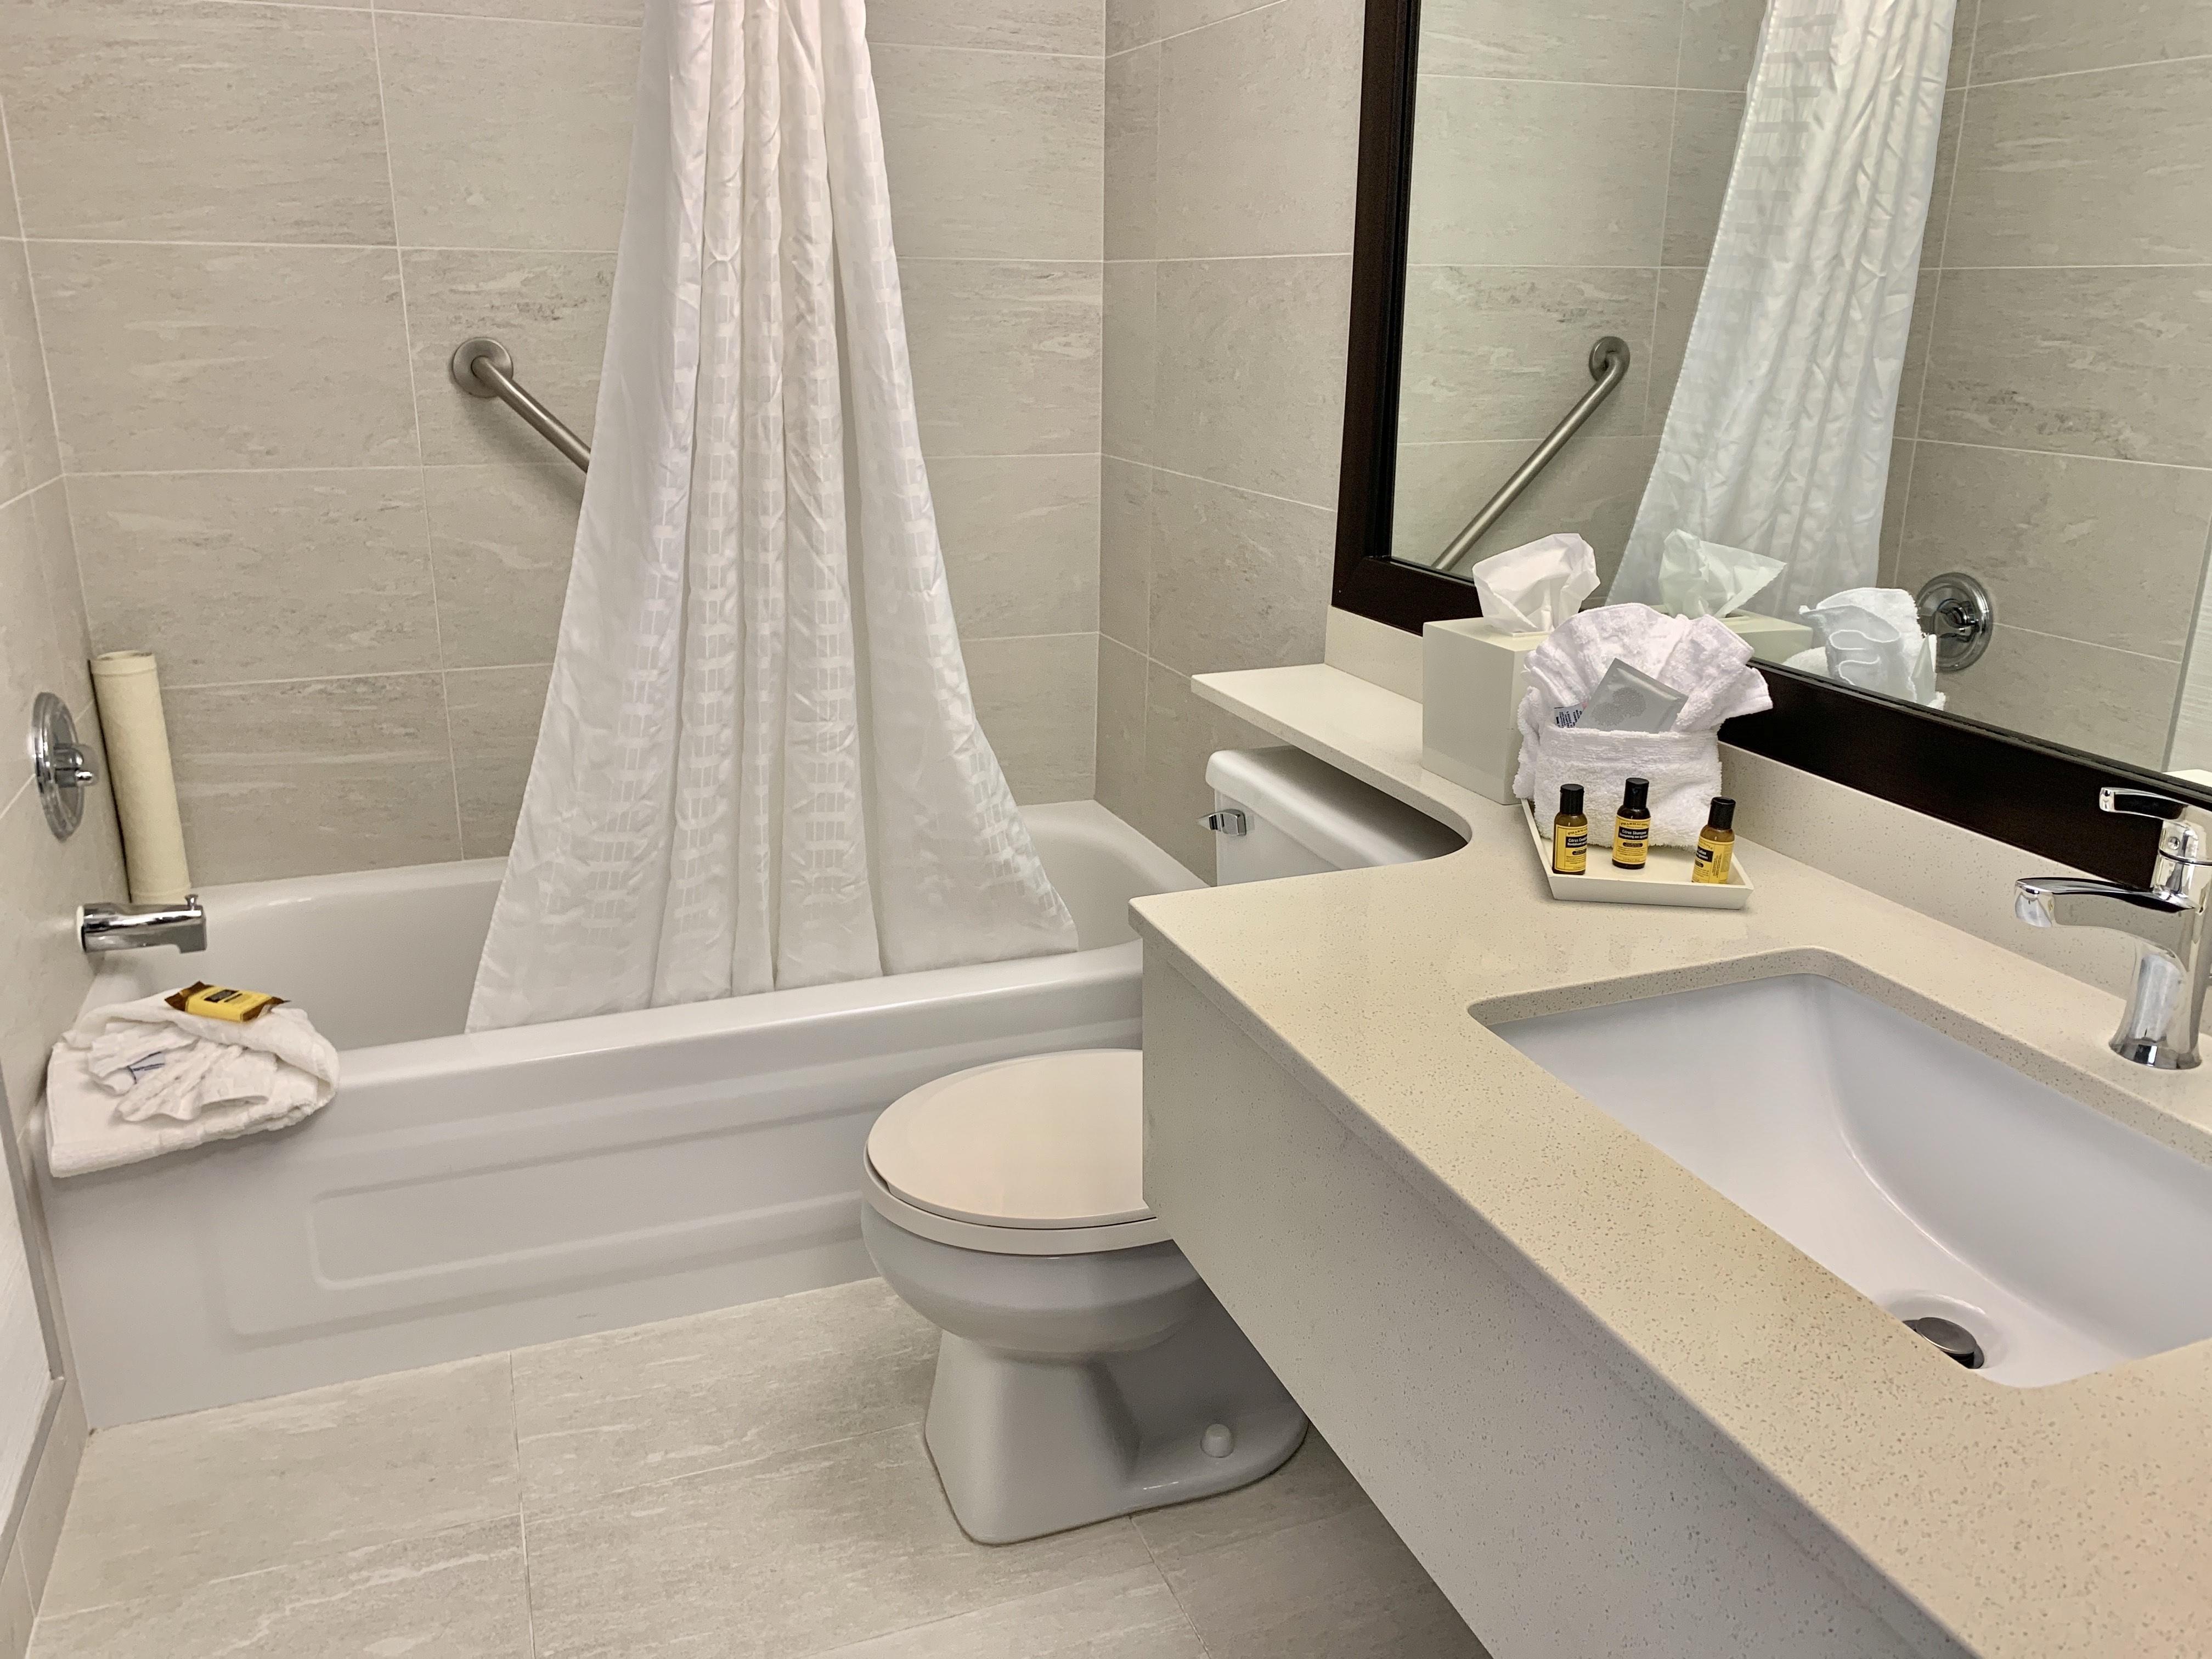 Best Western Plus Regency Bathroom